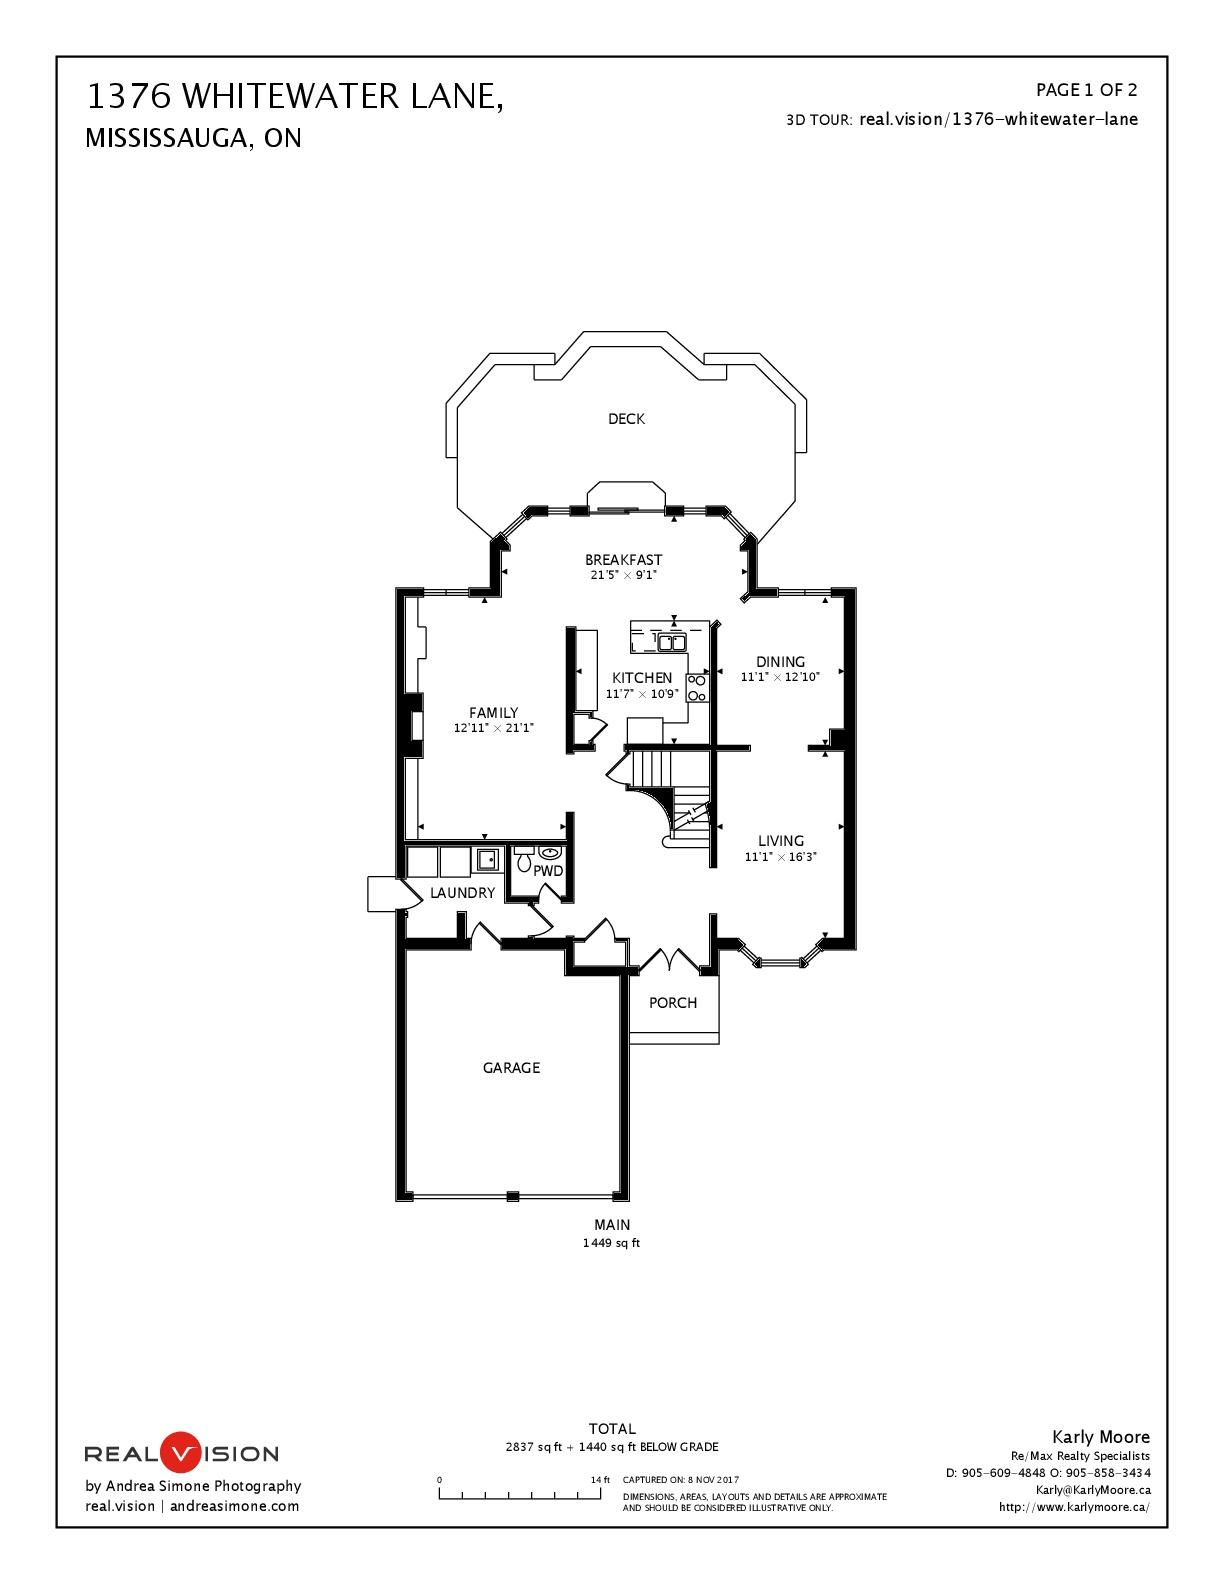 Floorplan---1376-Whitewater-Lane-001.jpg